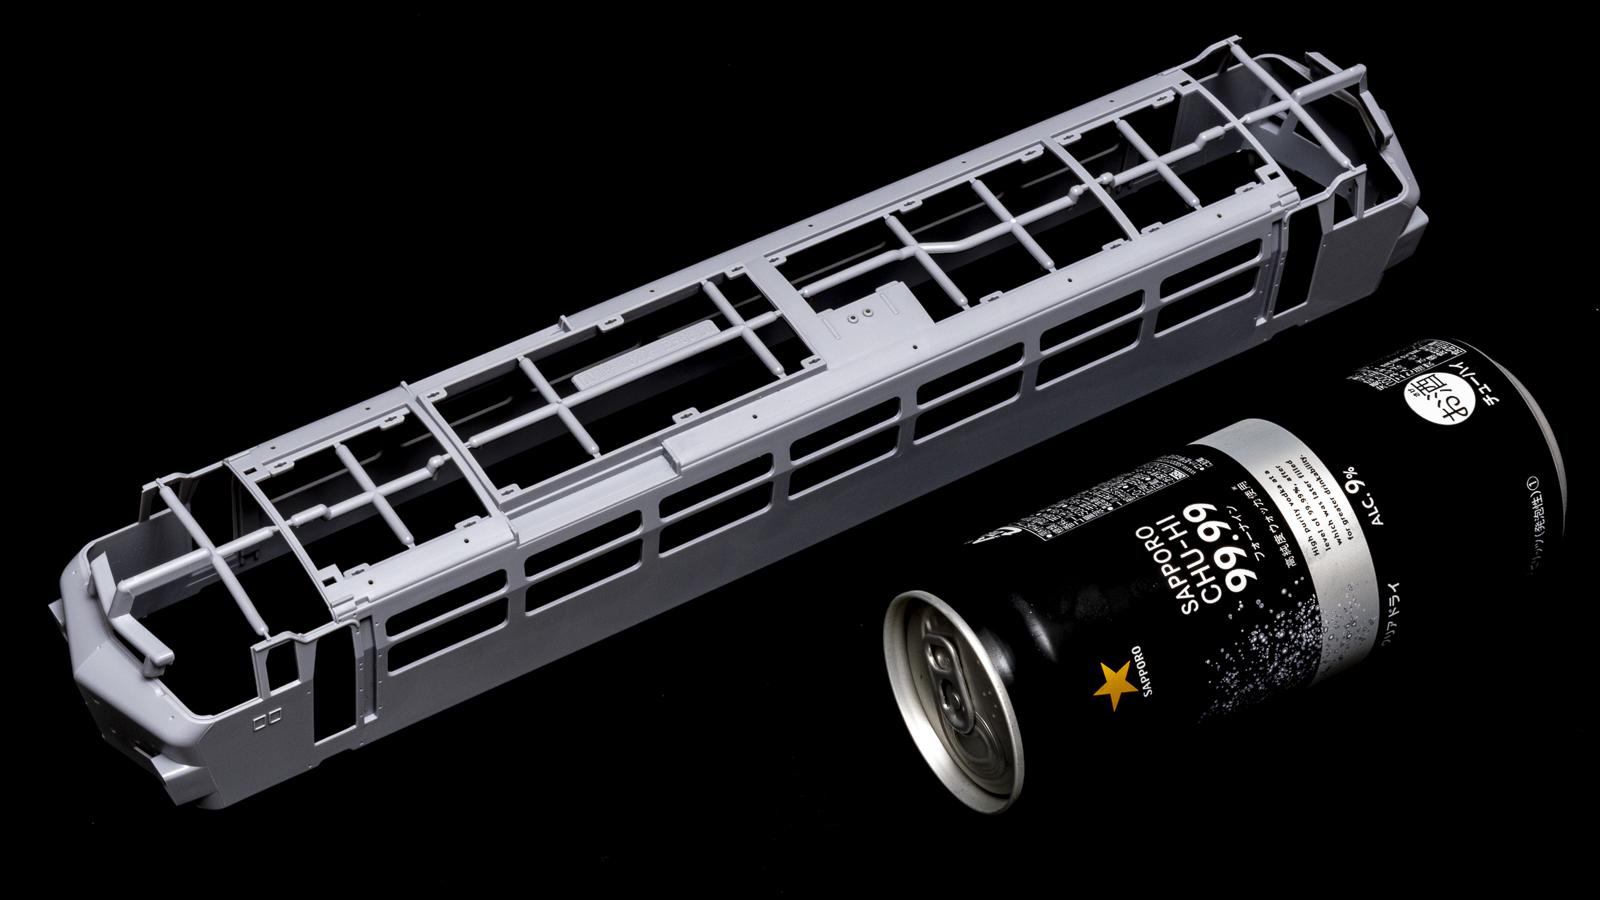 アオシマの放つ「超巨大な電気機関車のプラモデル」、トレミュEF66の細部に迫る【前編】_b0029315_00292513.jpg